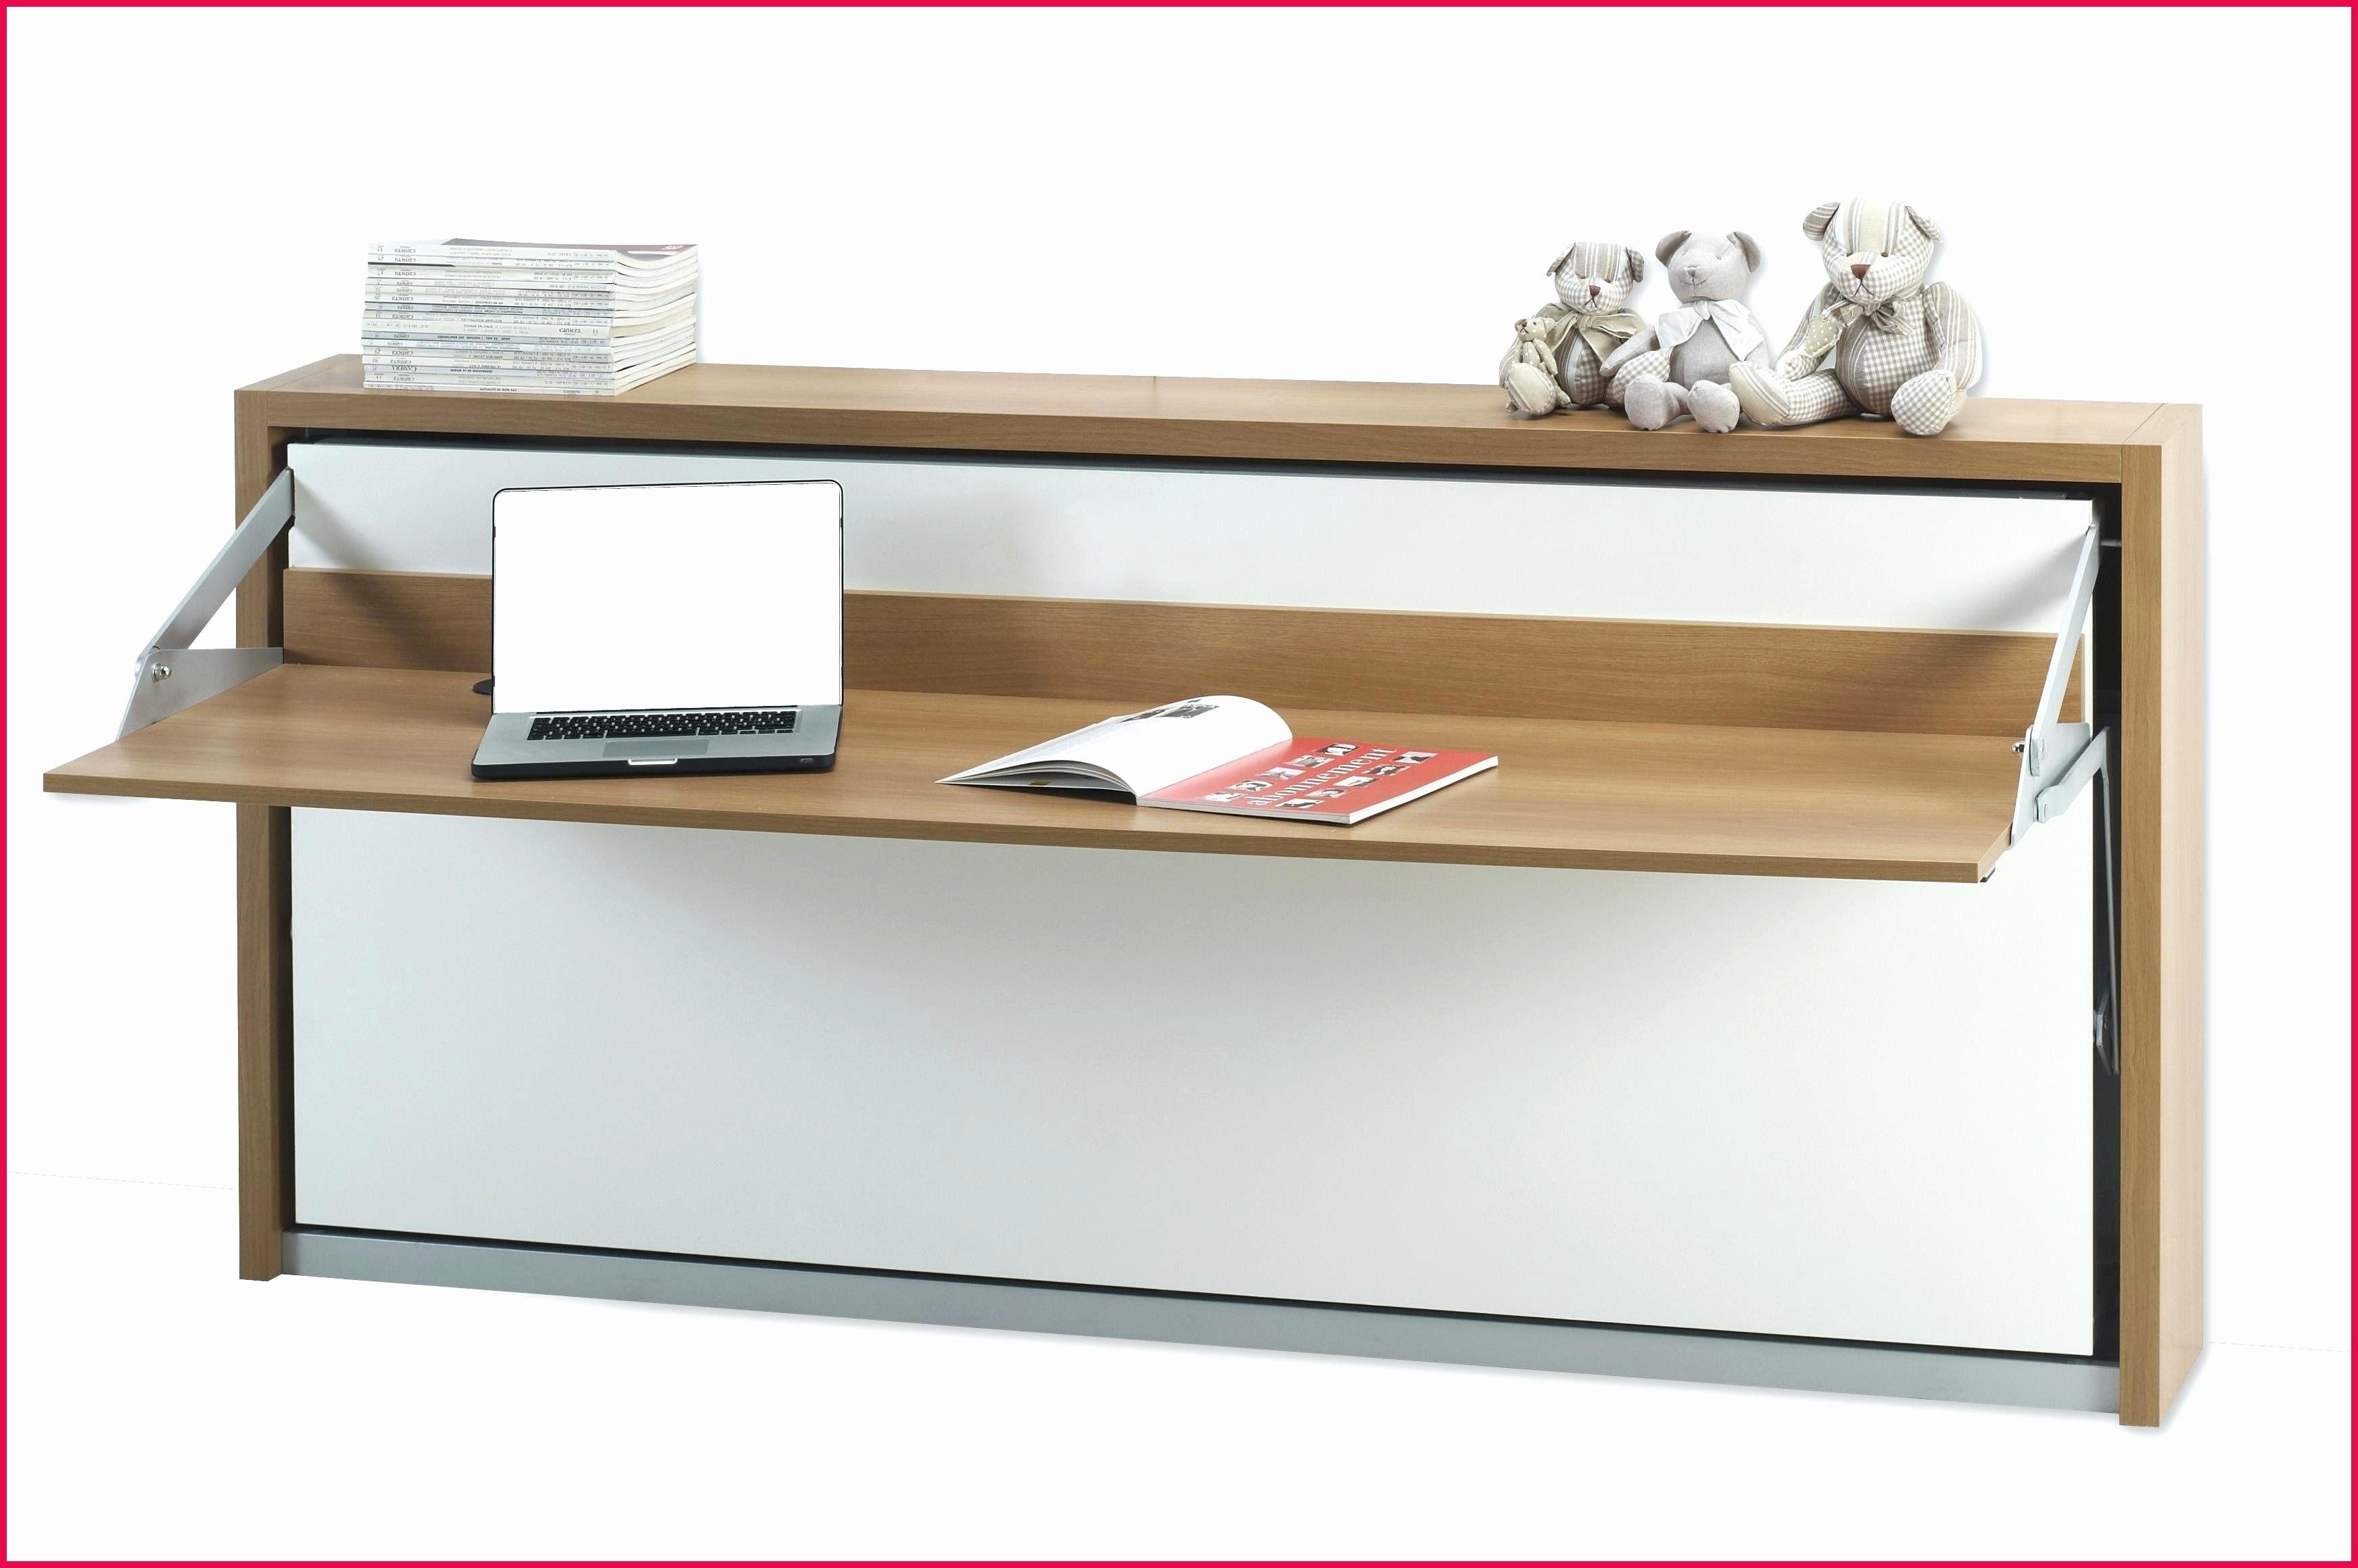 Lit Mezzanine 1 Place Avec Bureau Luxe E Bureau Reims Elegant Languages Resume Fresh Point Resume 0d Resume